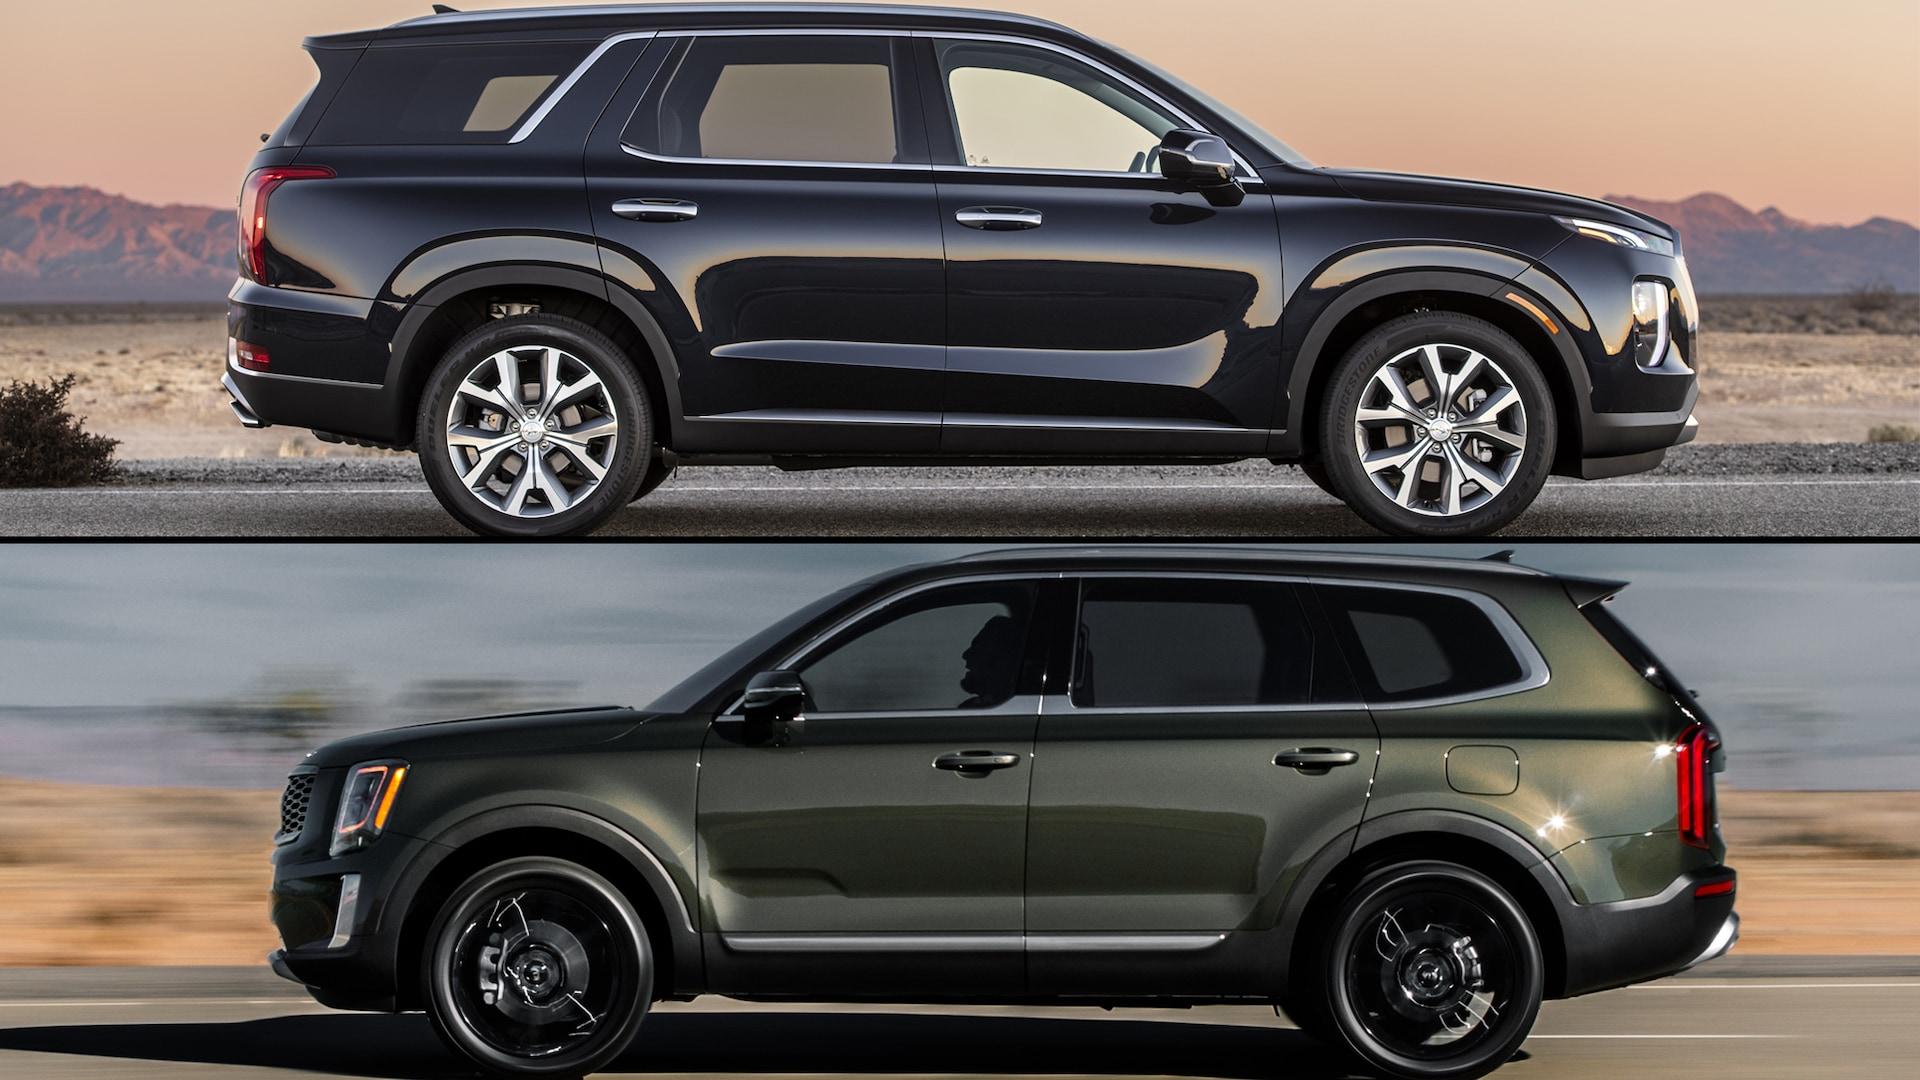 hyundai's first big suv is a hit: Hyundai Palisade Vs Kia Telluride A Features Comparison